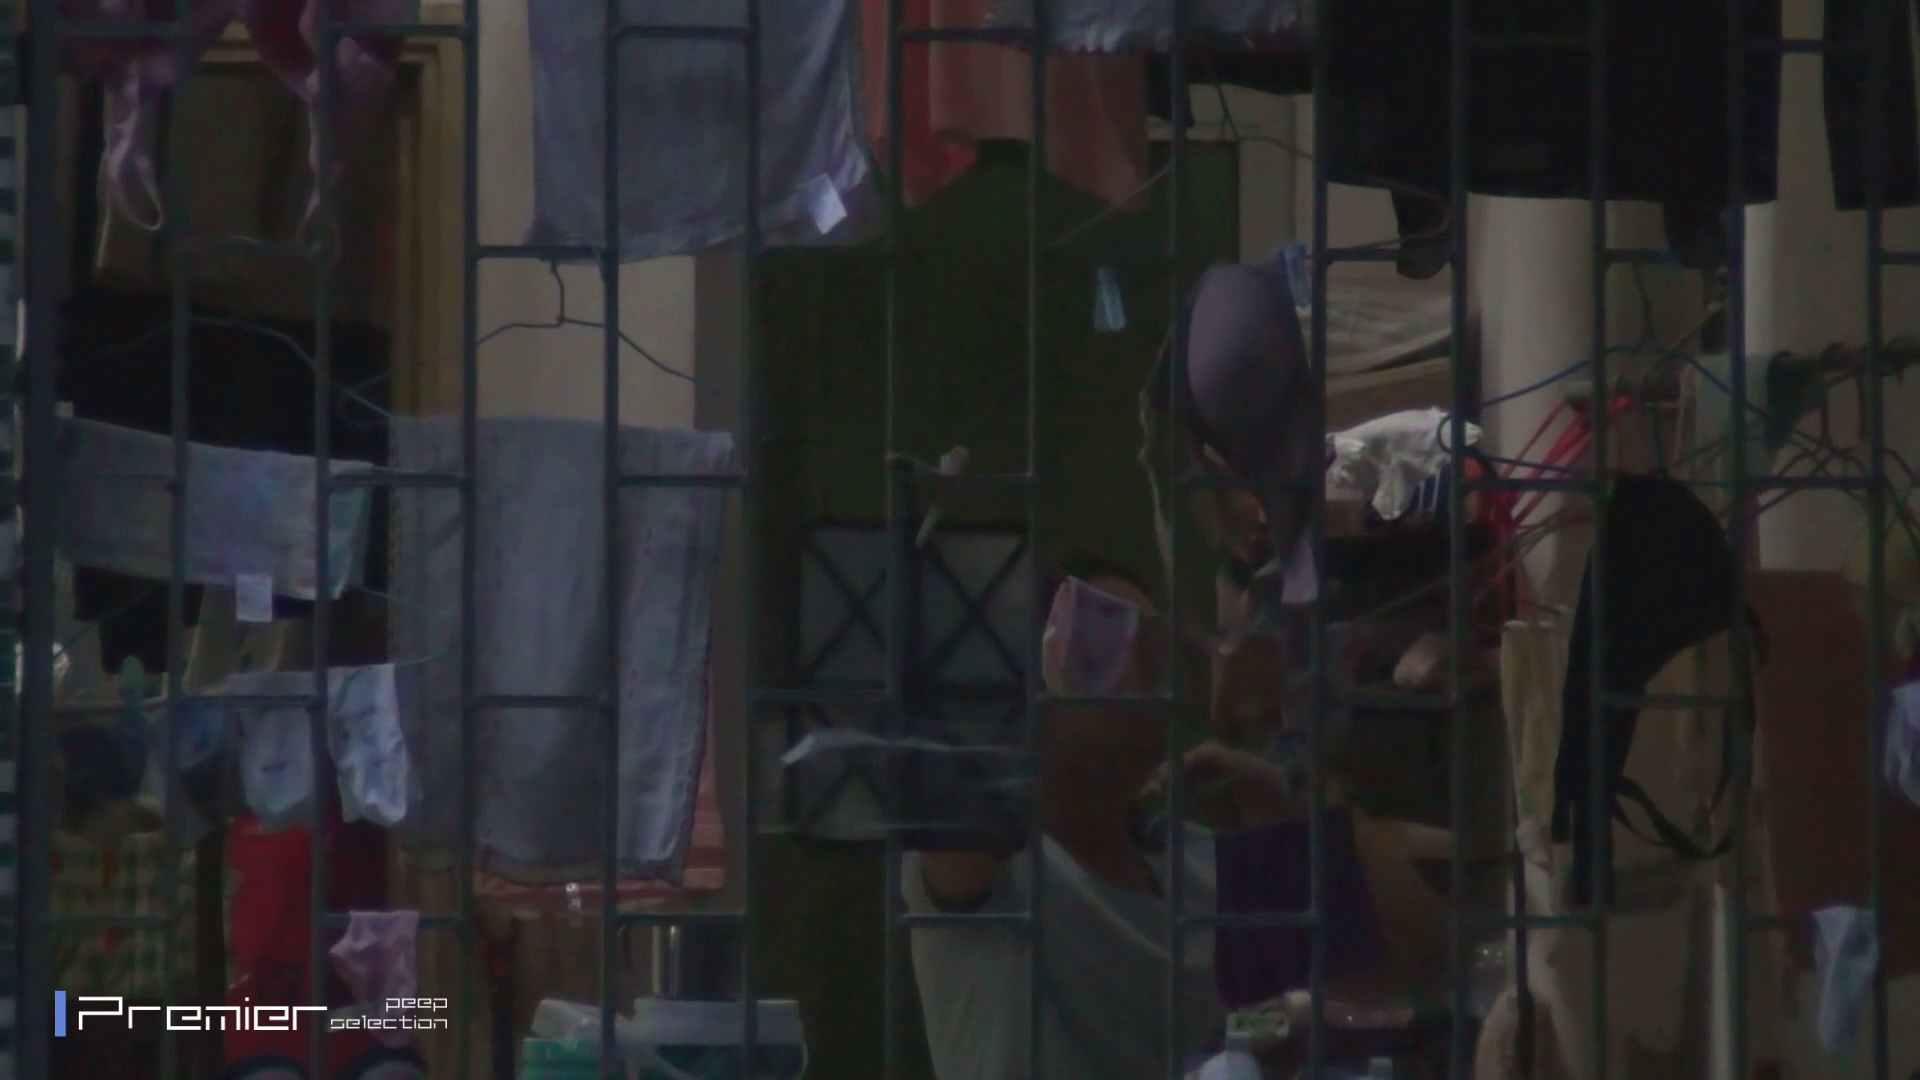 激撮り美女の洗顔シーン Vol.05 美女の痴態に密着! 潜入 濡れ場動画紹介 77連発 77